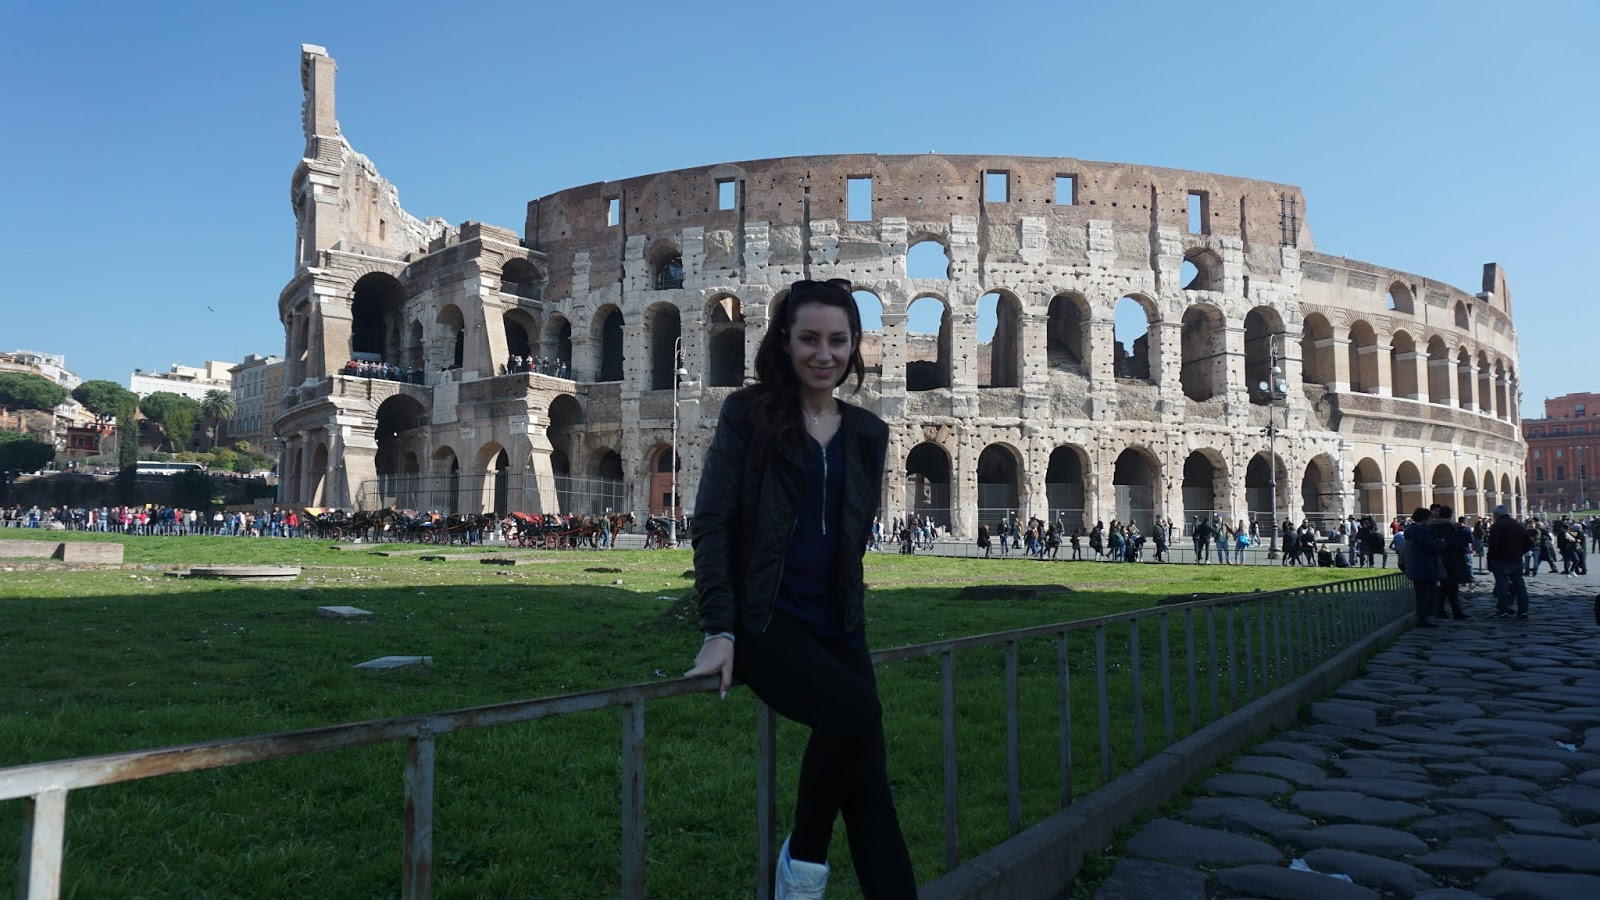 Dorcia przy Koloseum Pani Dorcia, Pani Dorcia w Rzymie, podróż poślubna Pani Dorci, podróż poślubna w Rzymie, gdzie w podróż poślubną